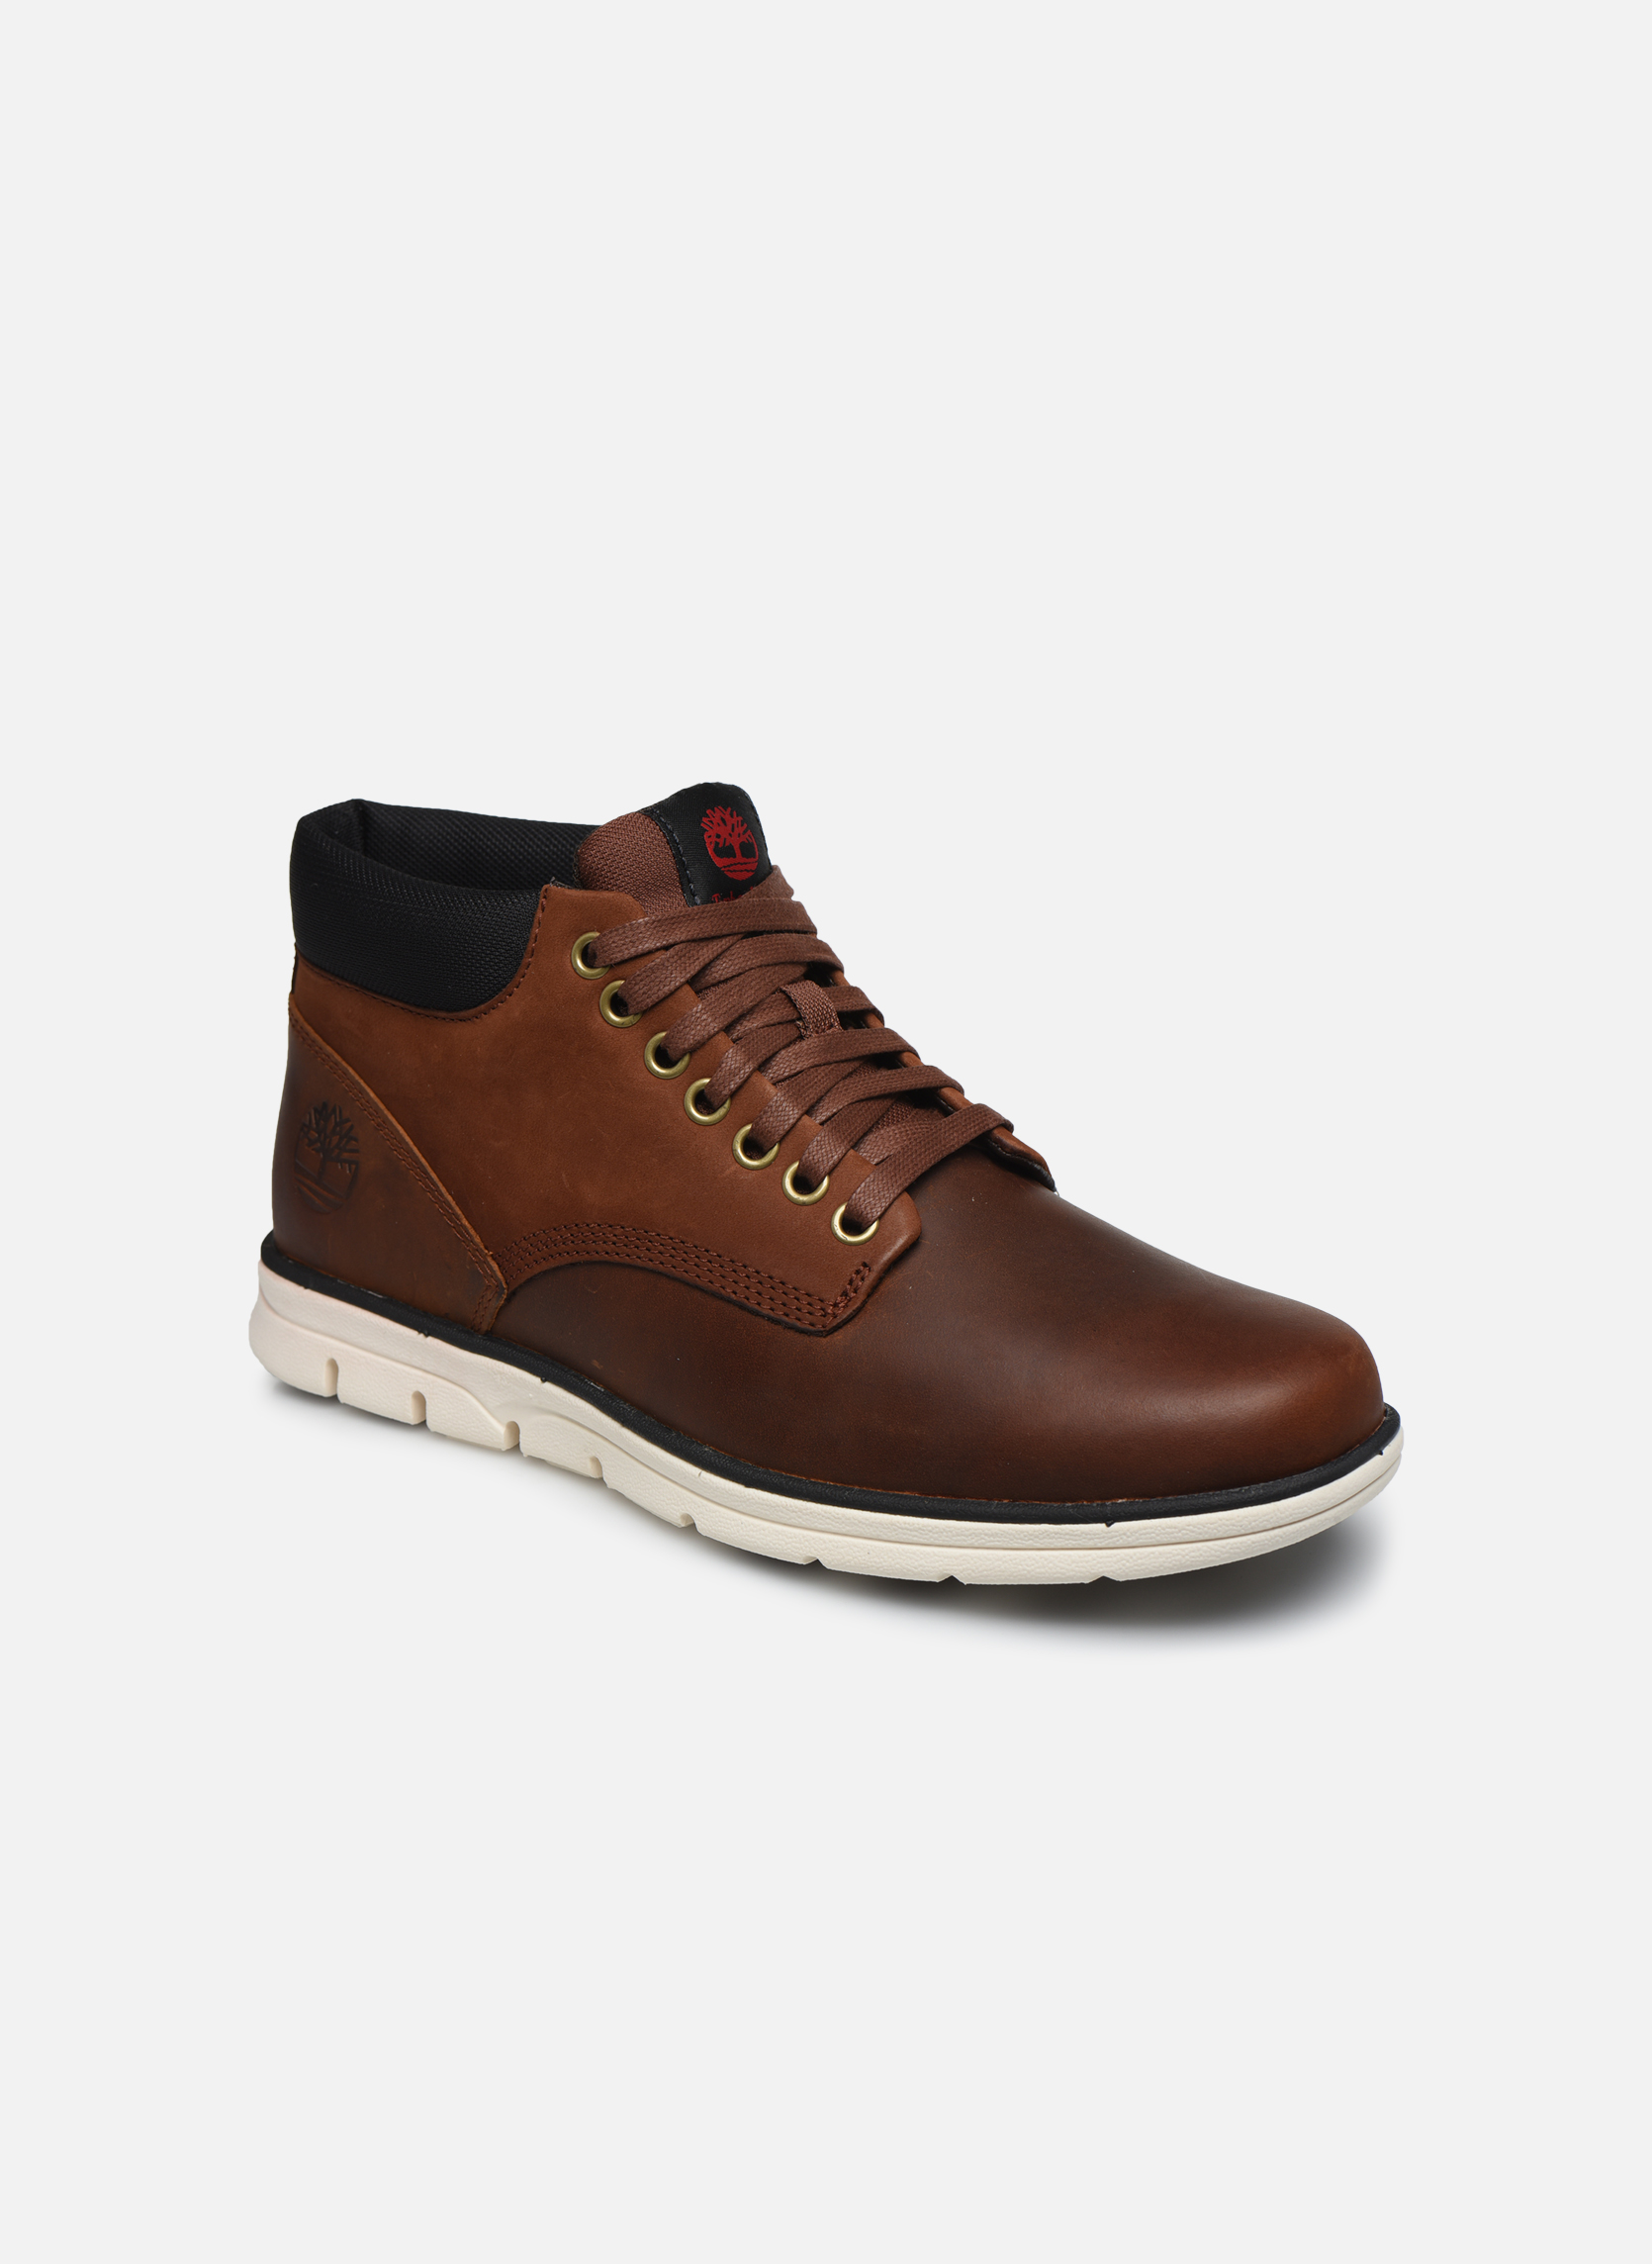 Boots en enkellaarsjes Heren Bradstreet Chukka